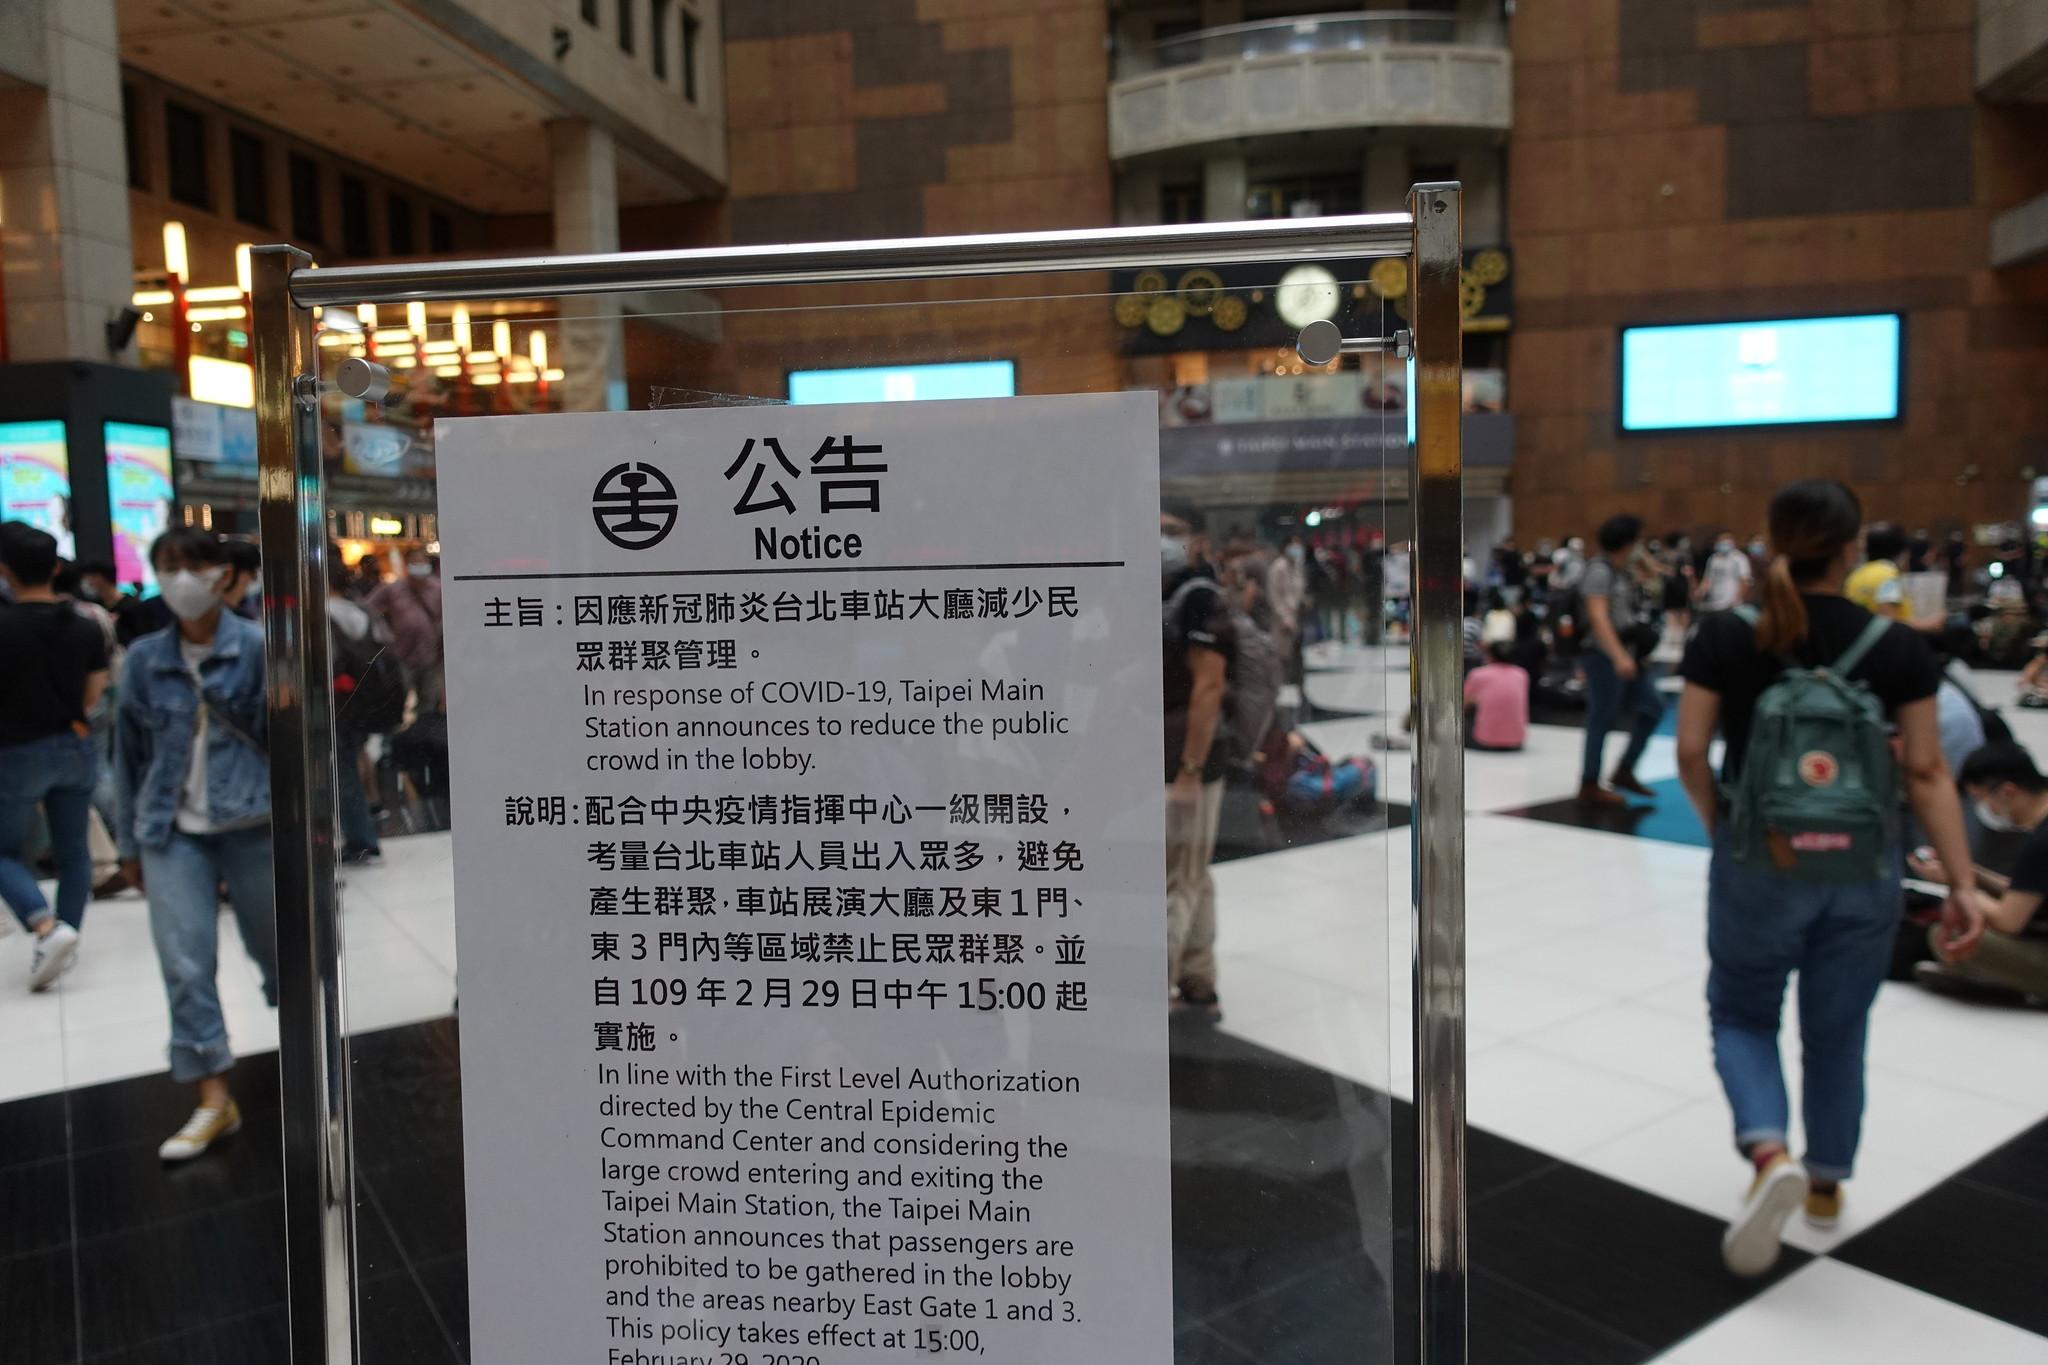 台鐵禁止群聚的公告。(攝影:張智琦)